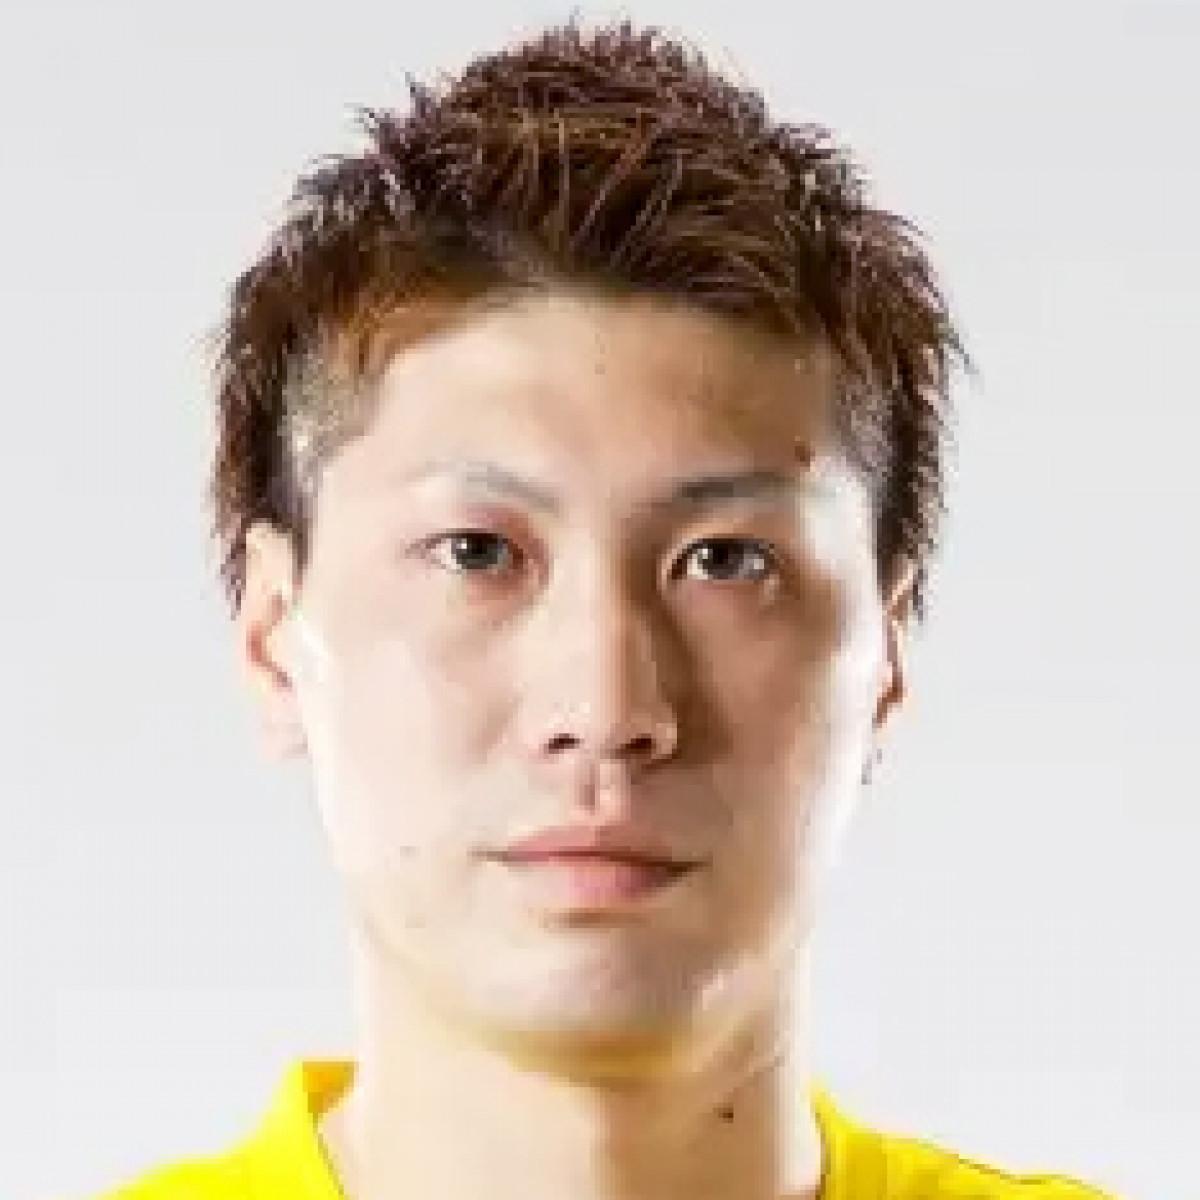 Kouki Fujioka